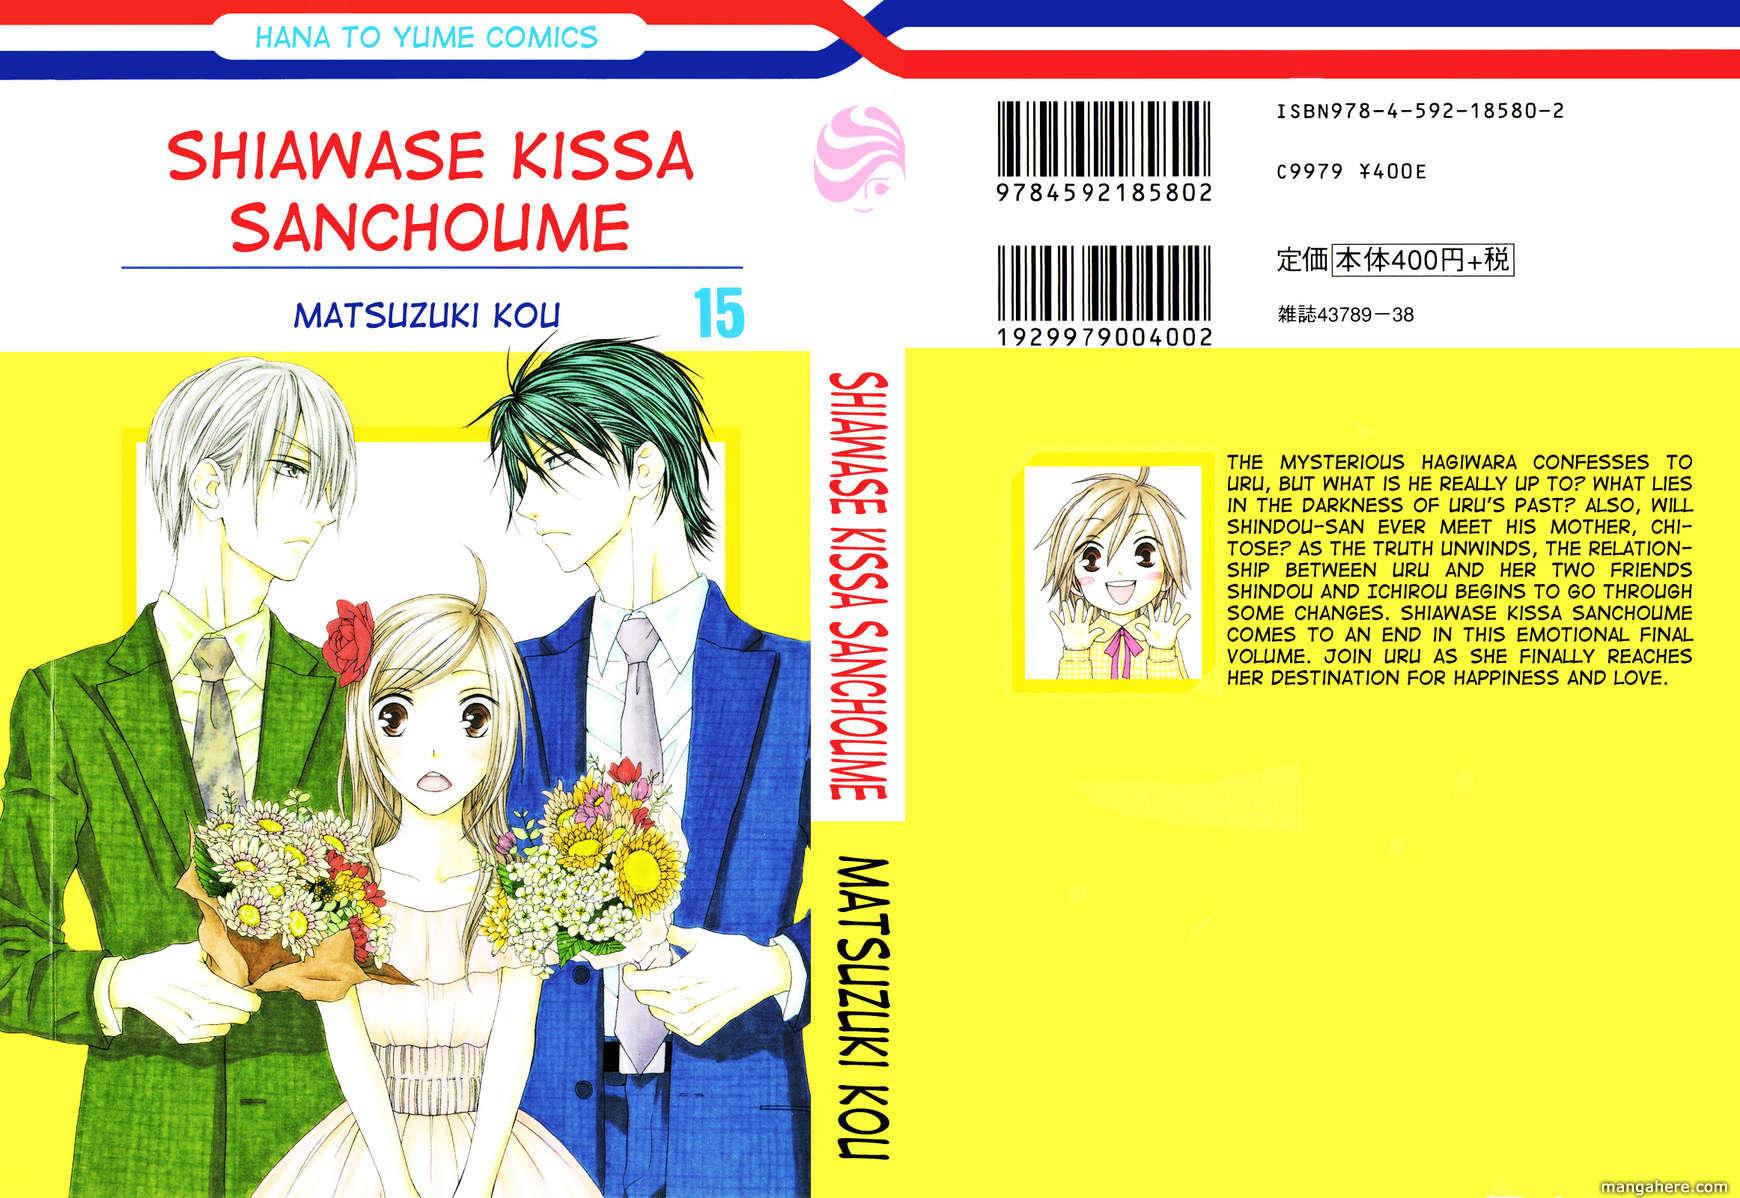 Shiawase Kissa Sanchoume 77 Page 1